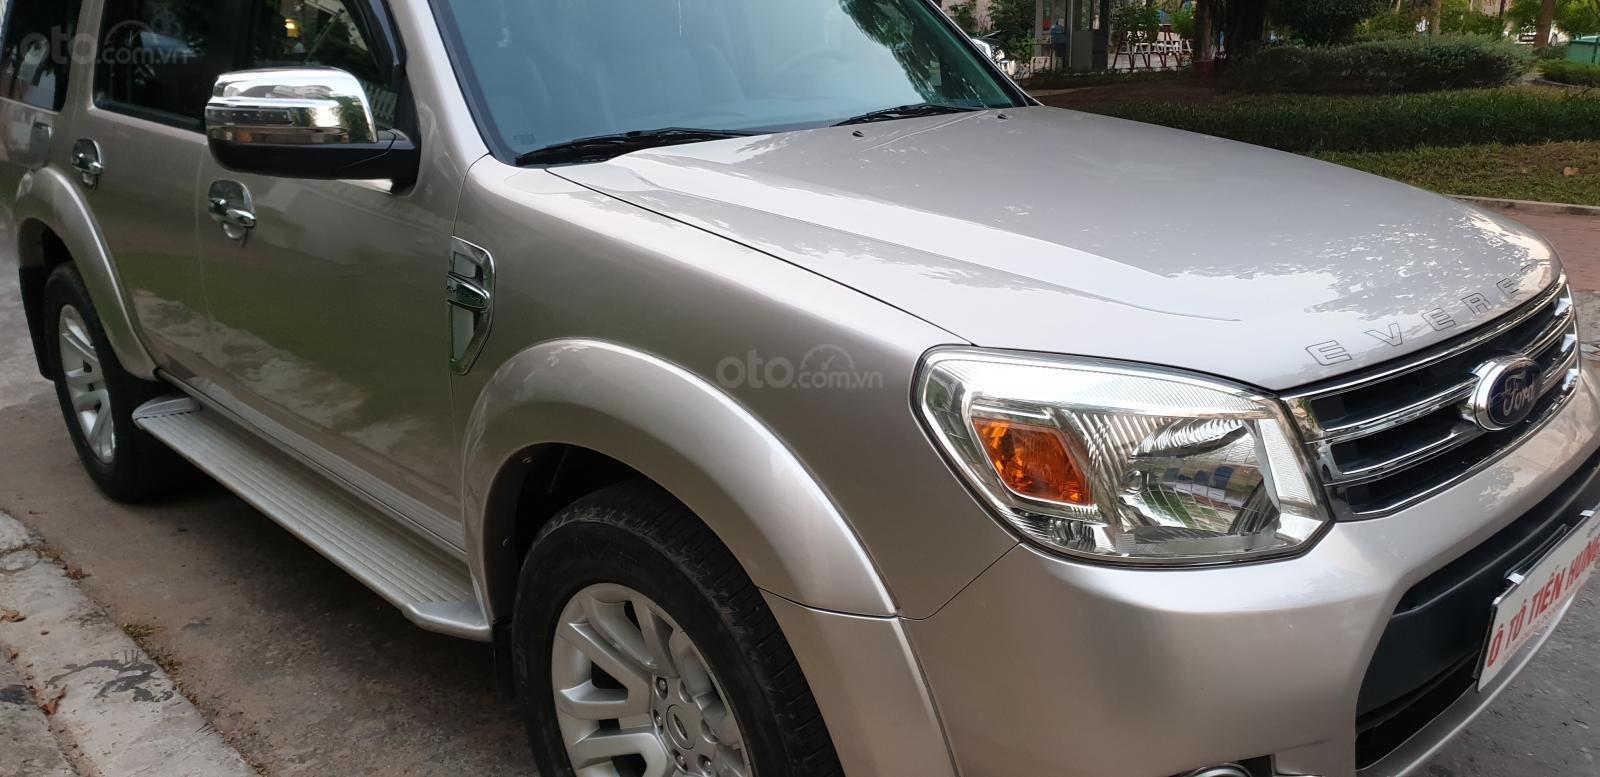 Bán Ford Everest Limited dầu 2.5 số tự động đời t5/2015, màu ghi vàng đẹp mới 90% (3)